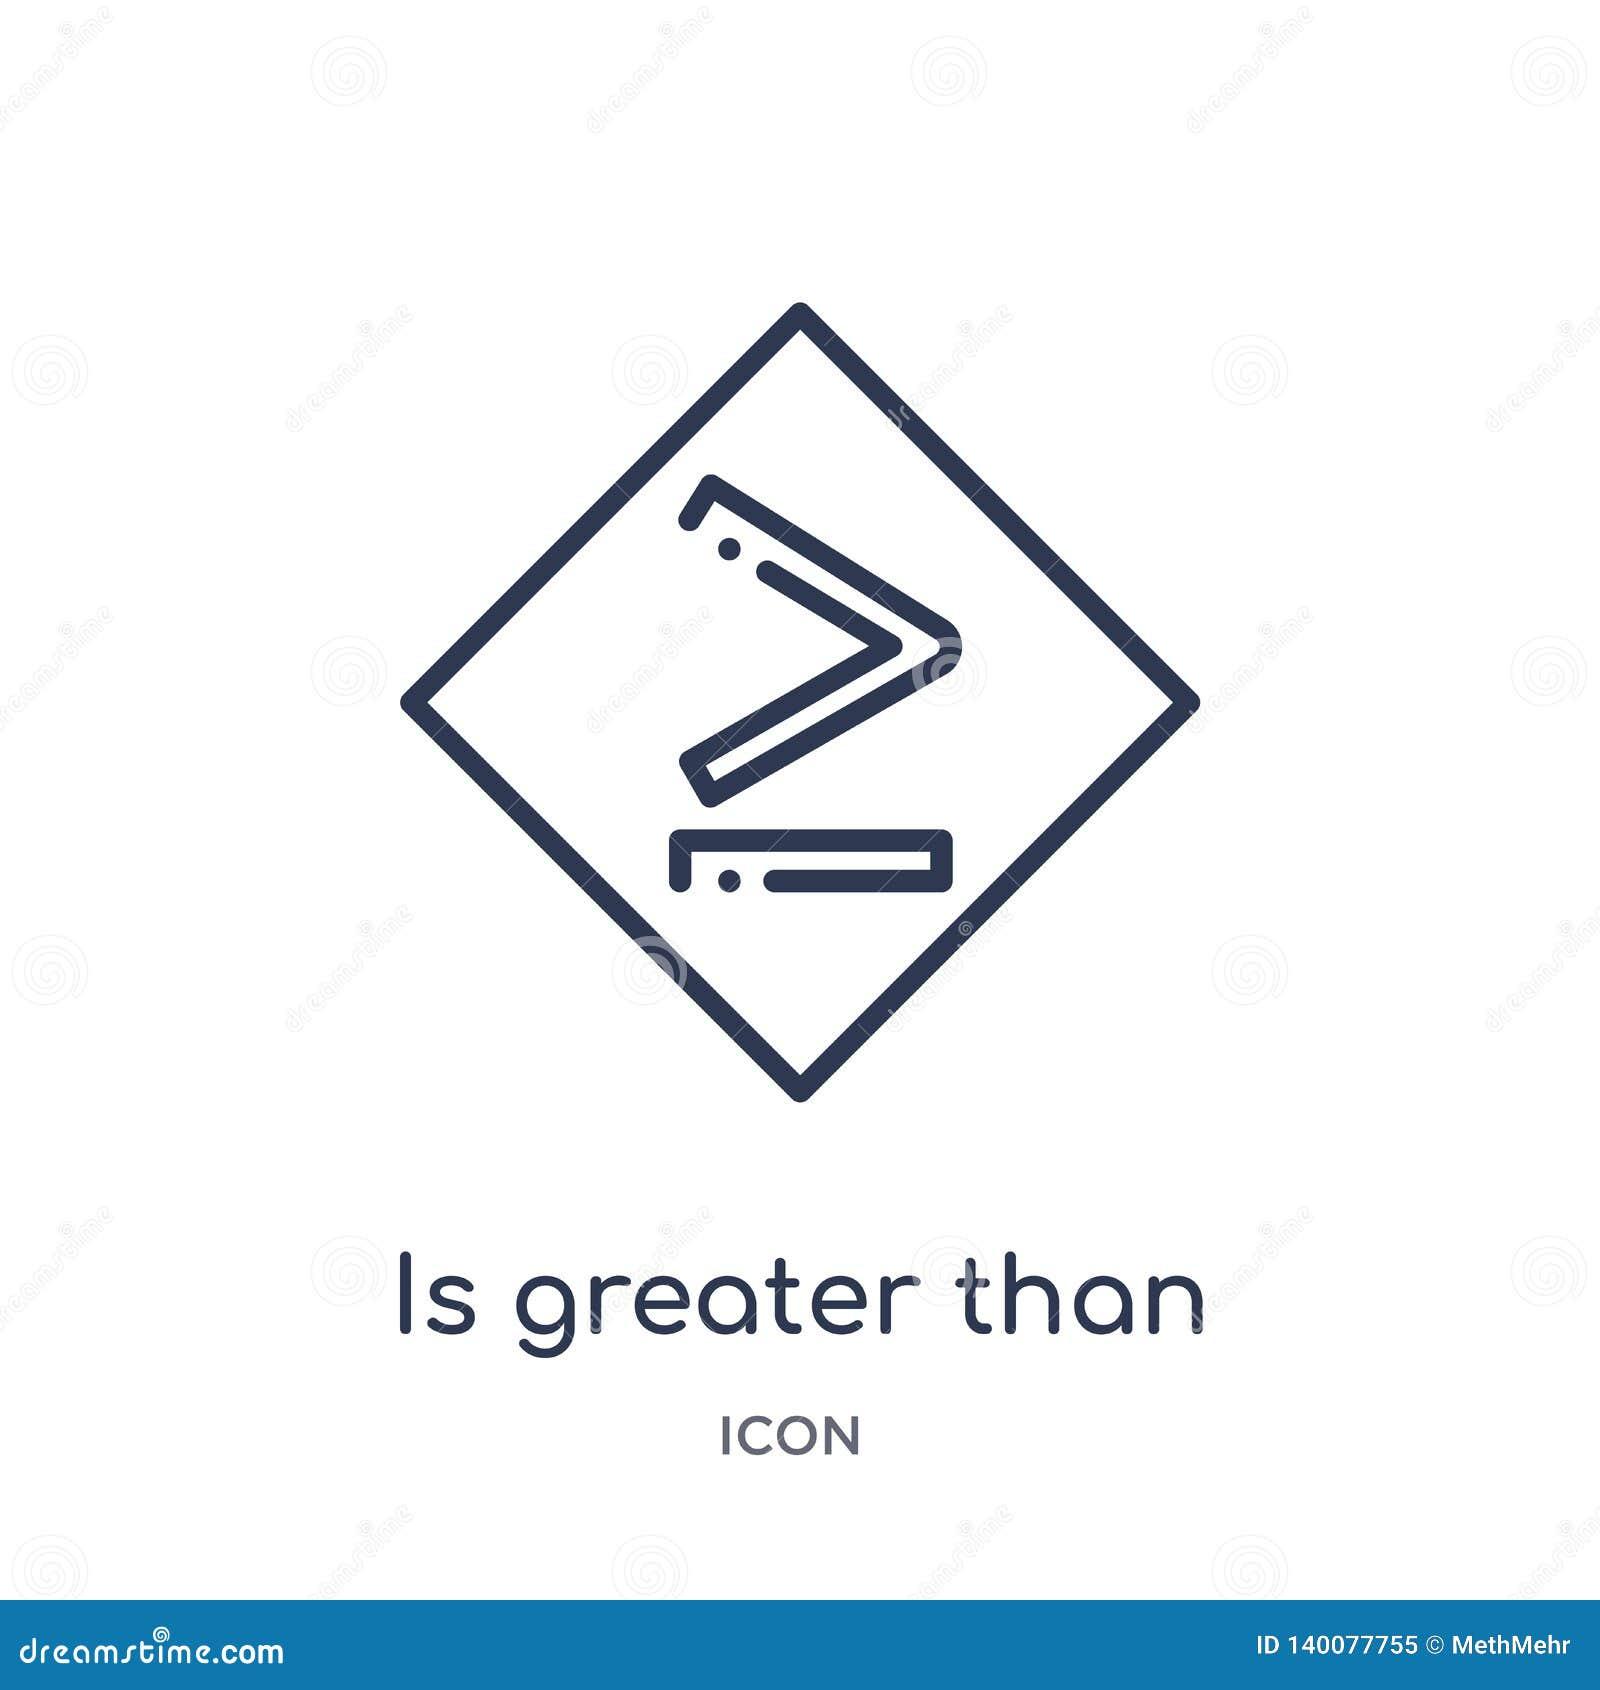 Ist größer als oder Ikone von der Zeichenentwurfssammlung gleich Dünne Linie ist größer als oder Gleichgestelltes zur Ikone, die